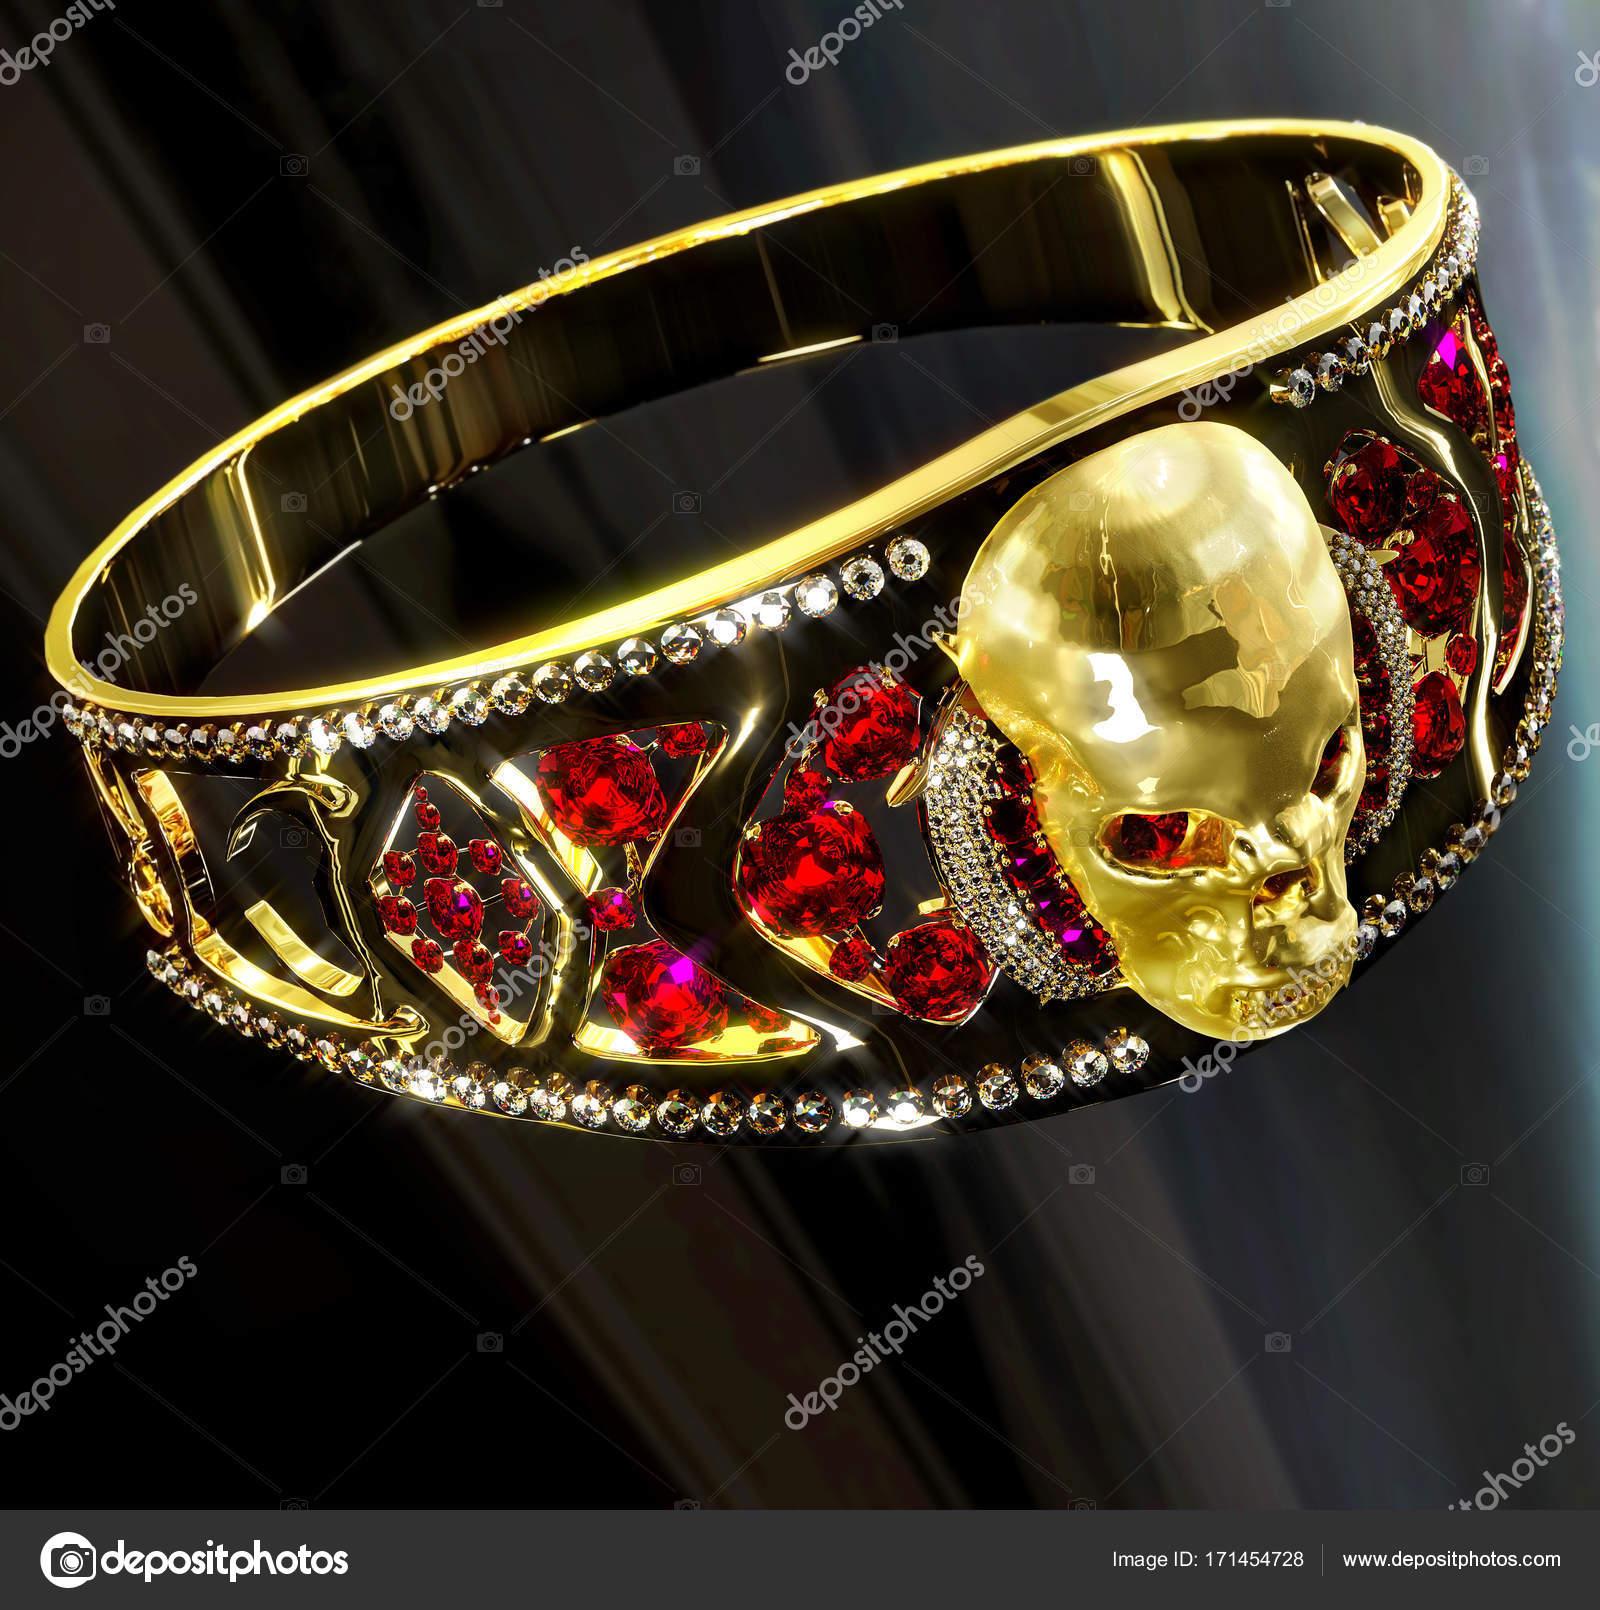 0efd0bc795b40 Anel de caveira de joias de ouro com diamantes e gemas de rubi vermelhas–  imagens de bancos de imagens